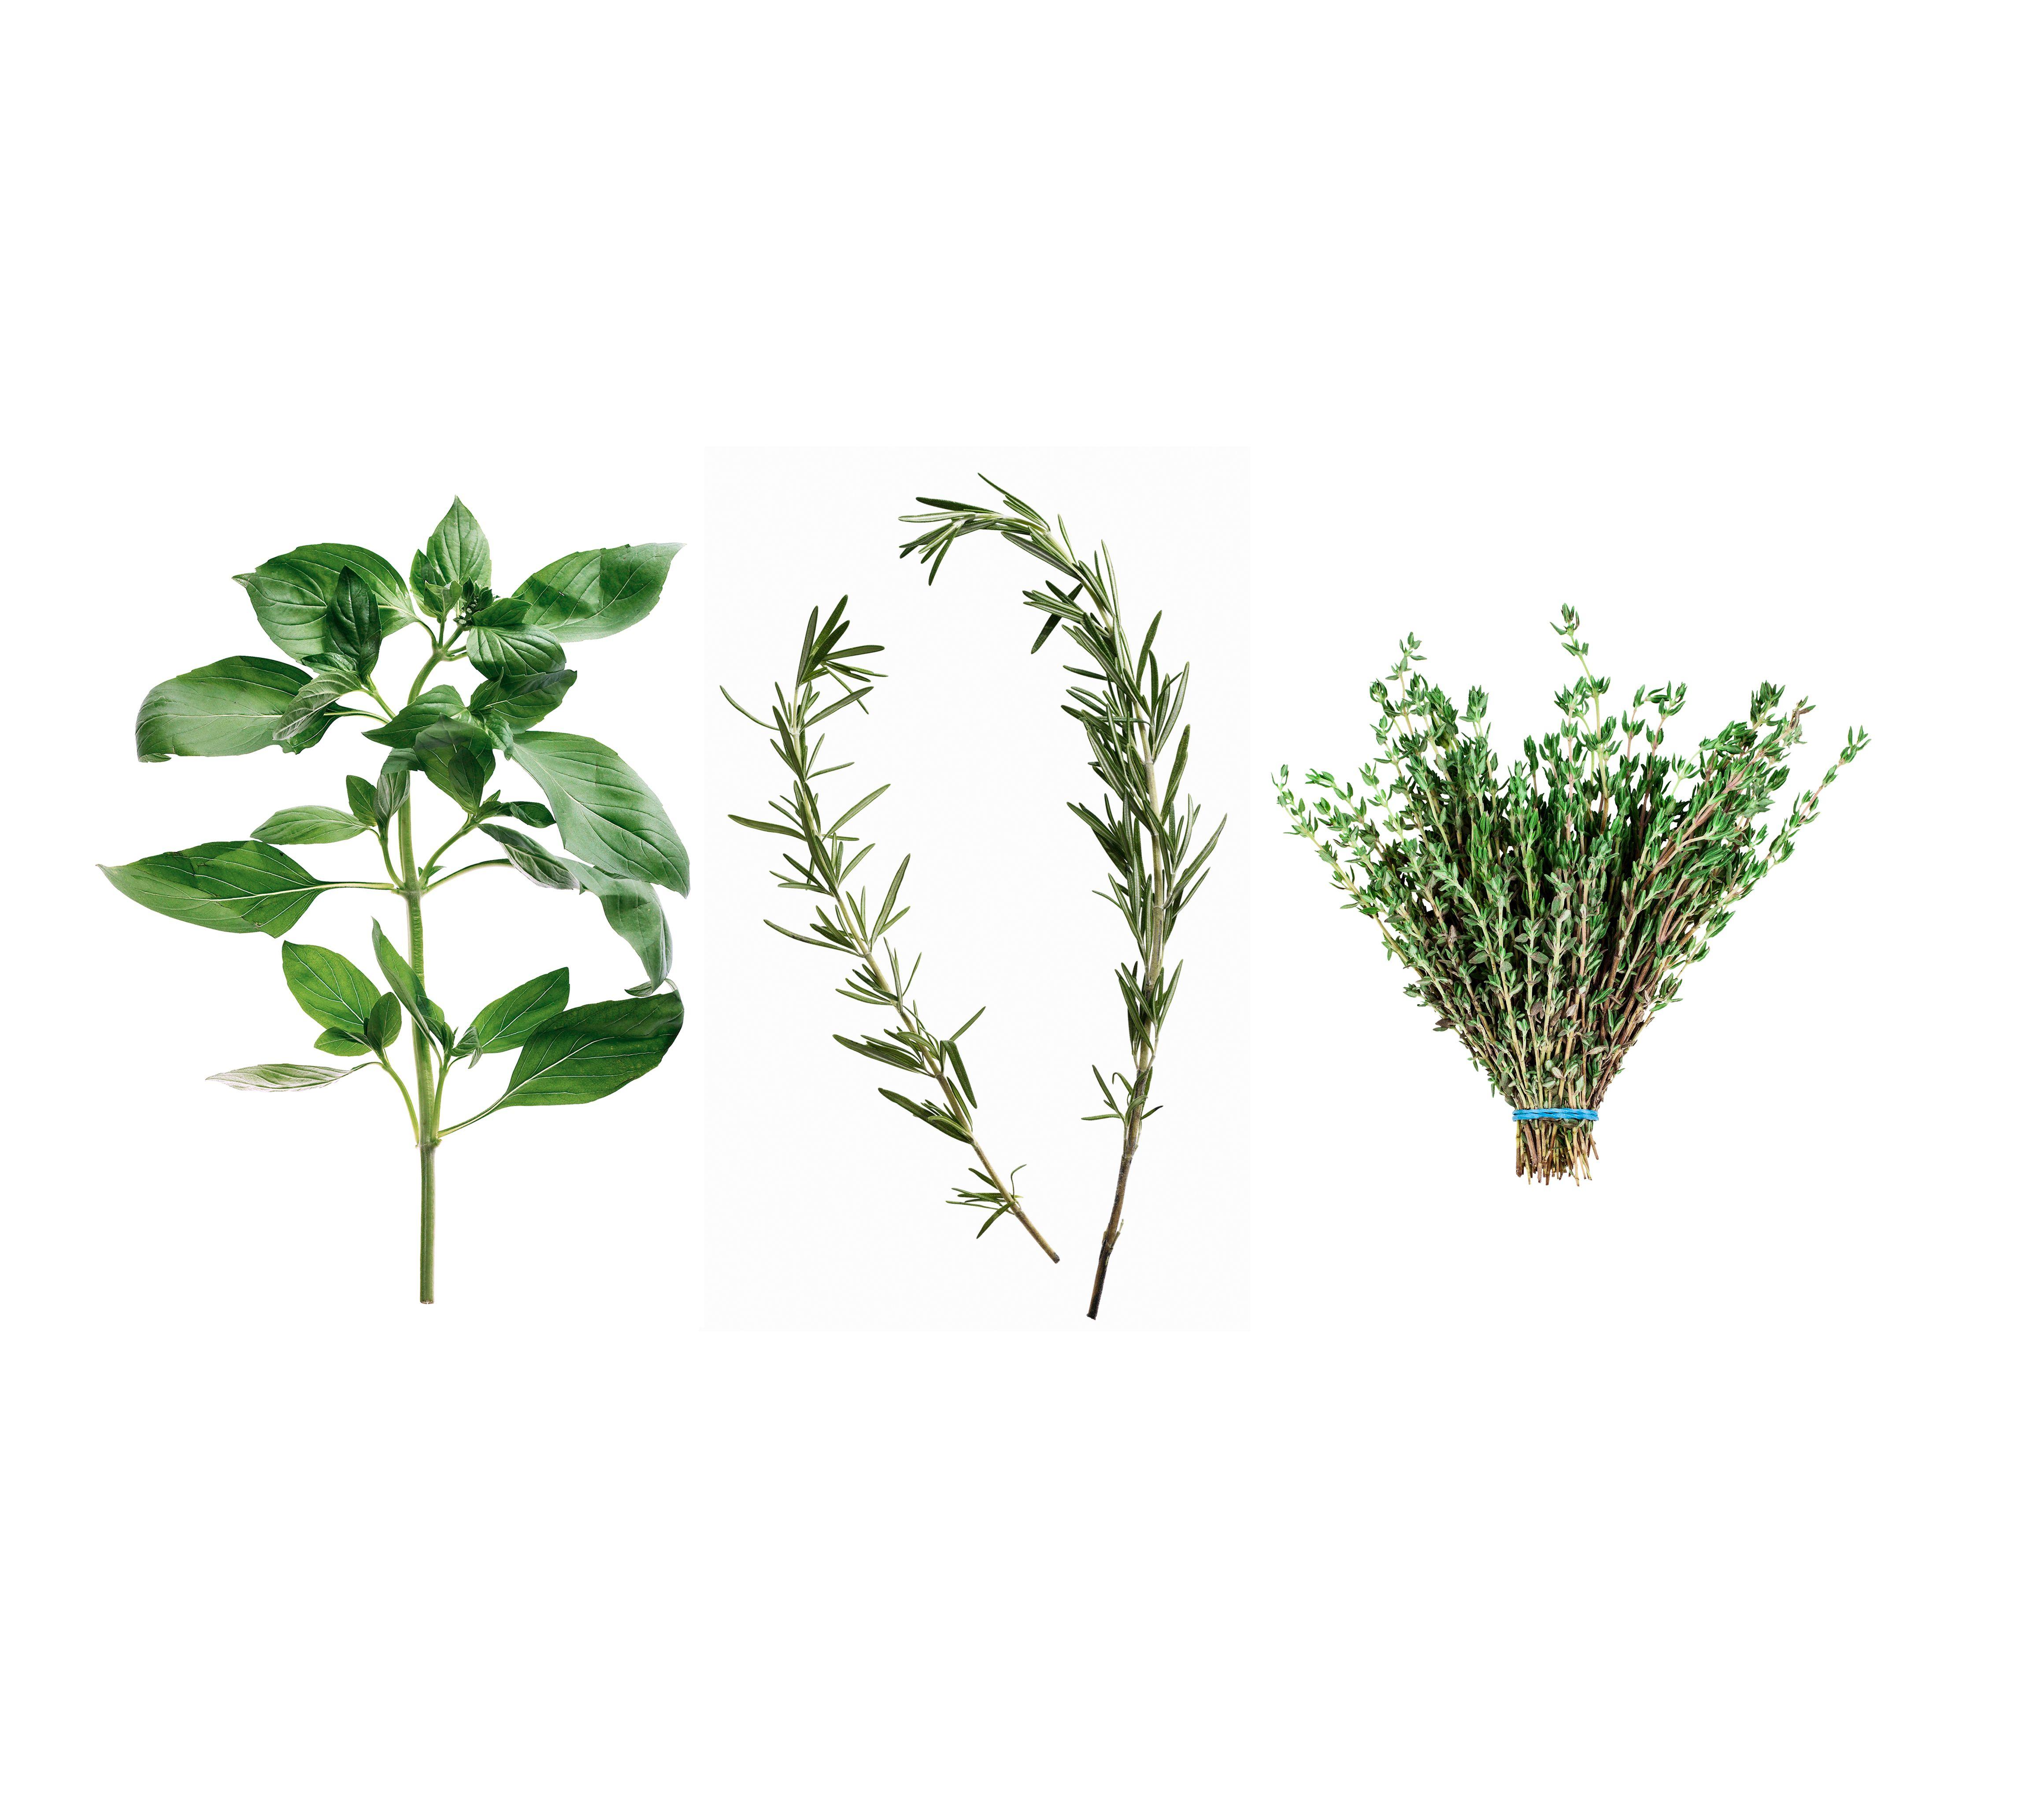 Basin indoor gardening 5 best hydroponics kits to grow your indoor basin indoor gardening indoor herb garden ideas how to make a kitchen herb garden workwithnaturefo